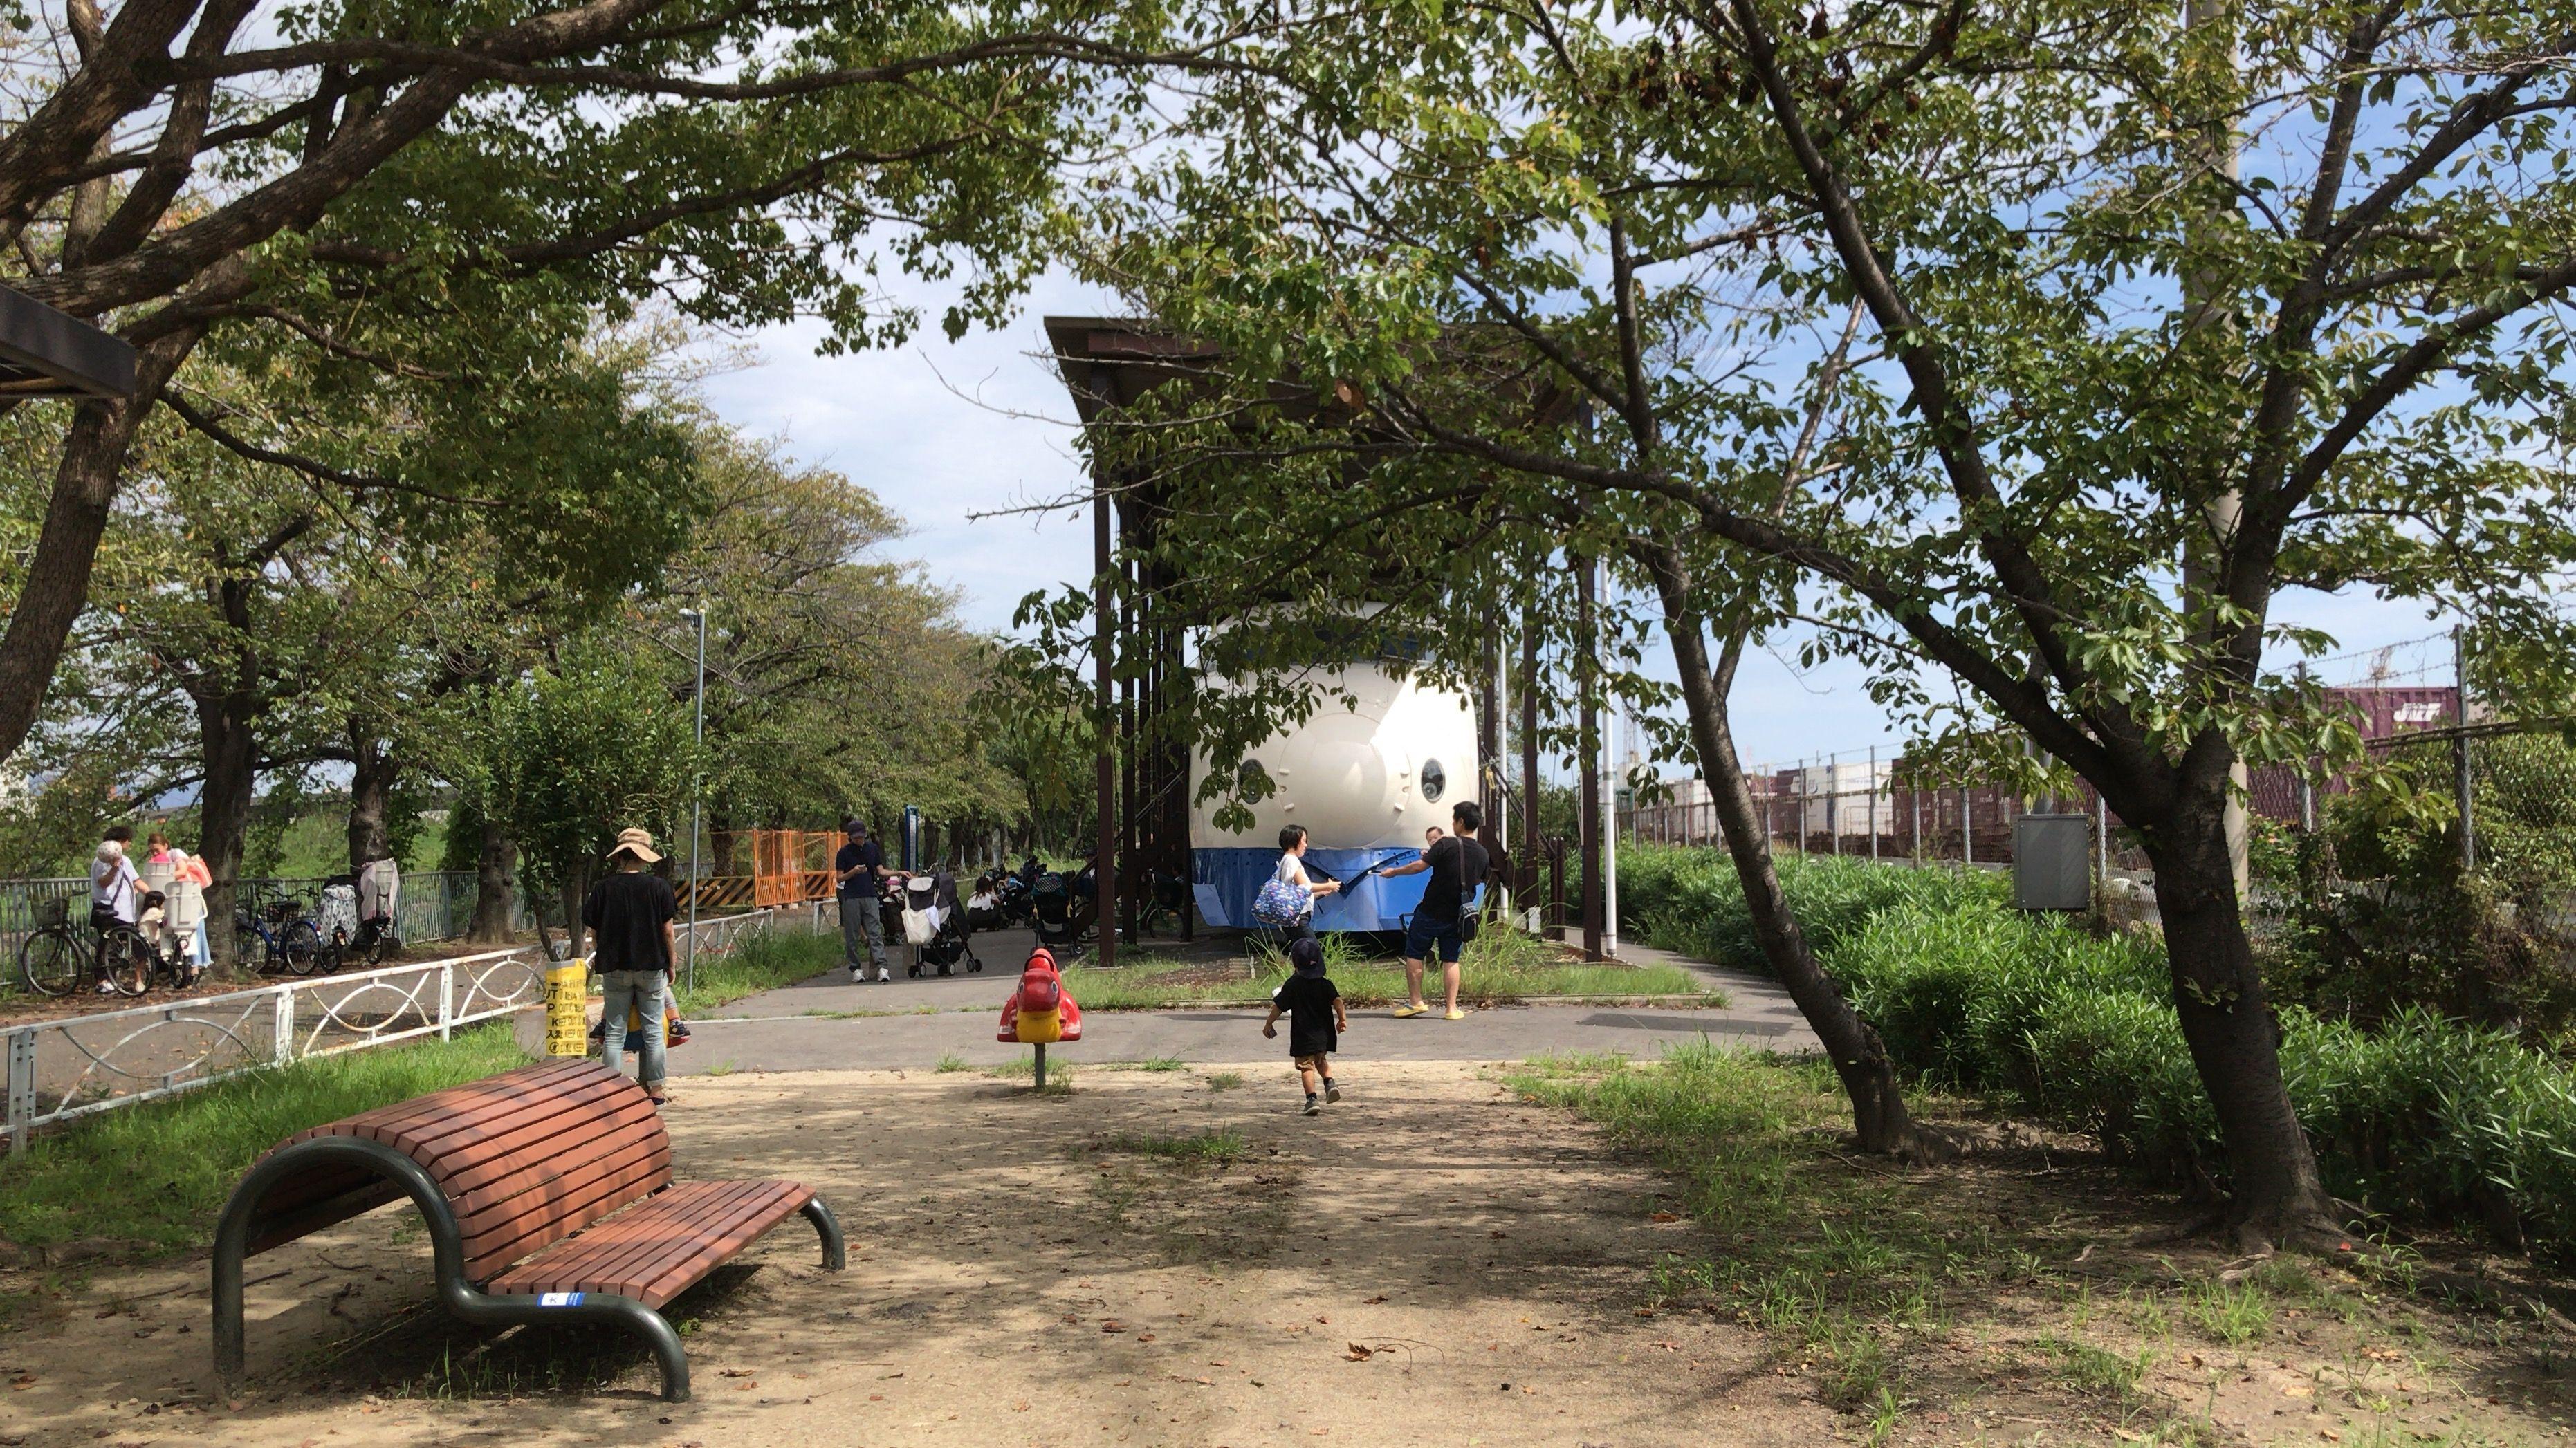 摂津市鳥飼車両基地の横にある新幹線公園